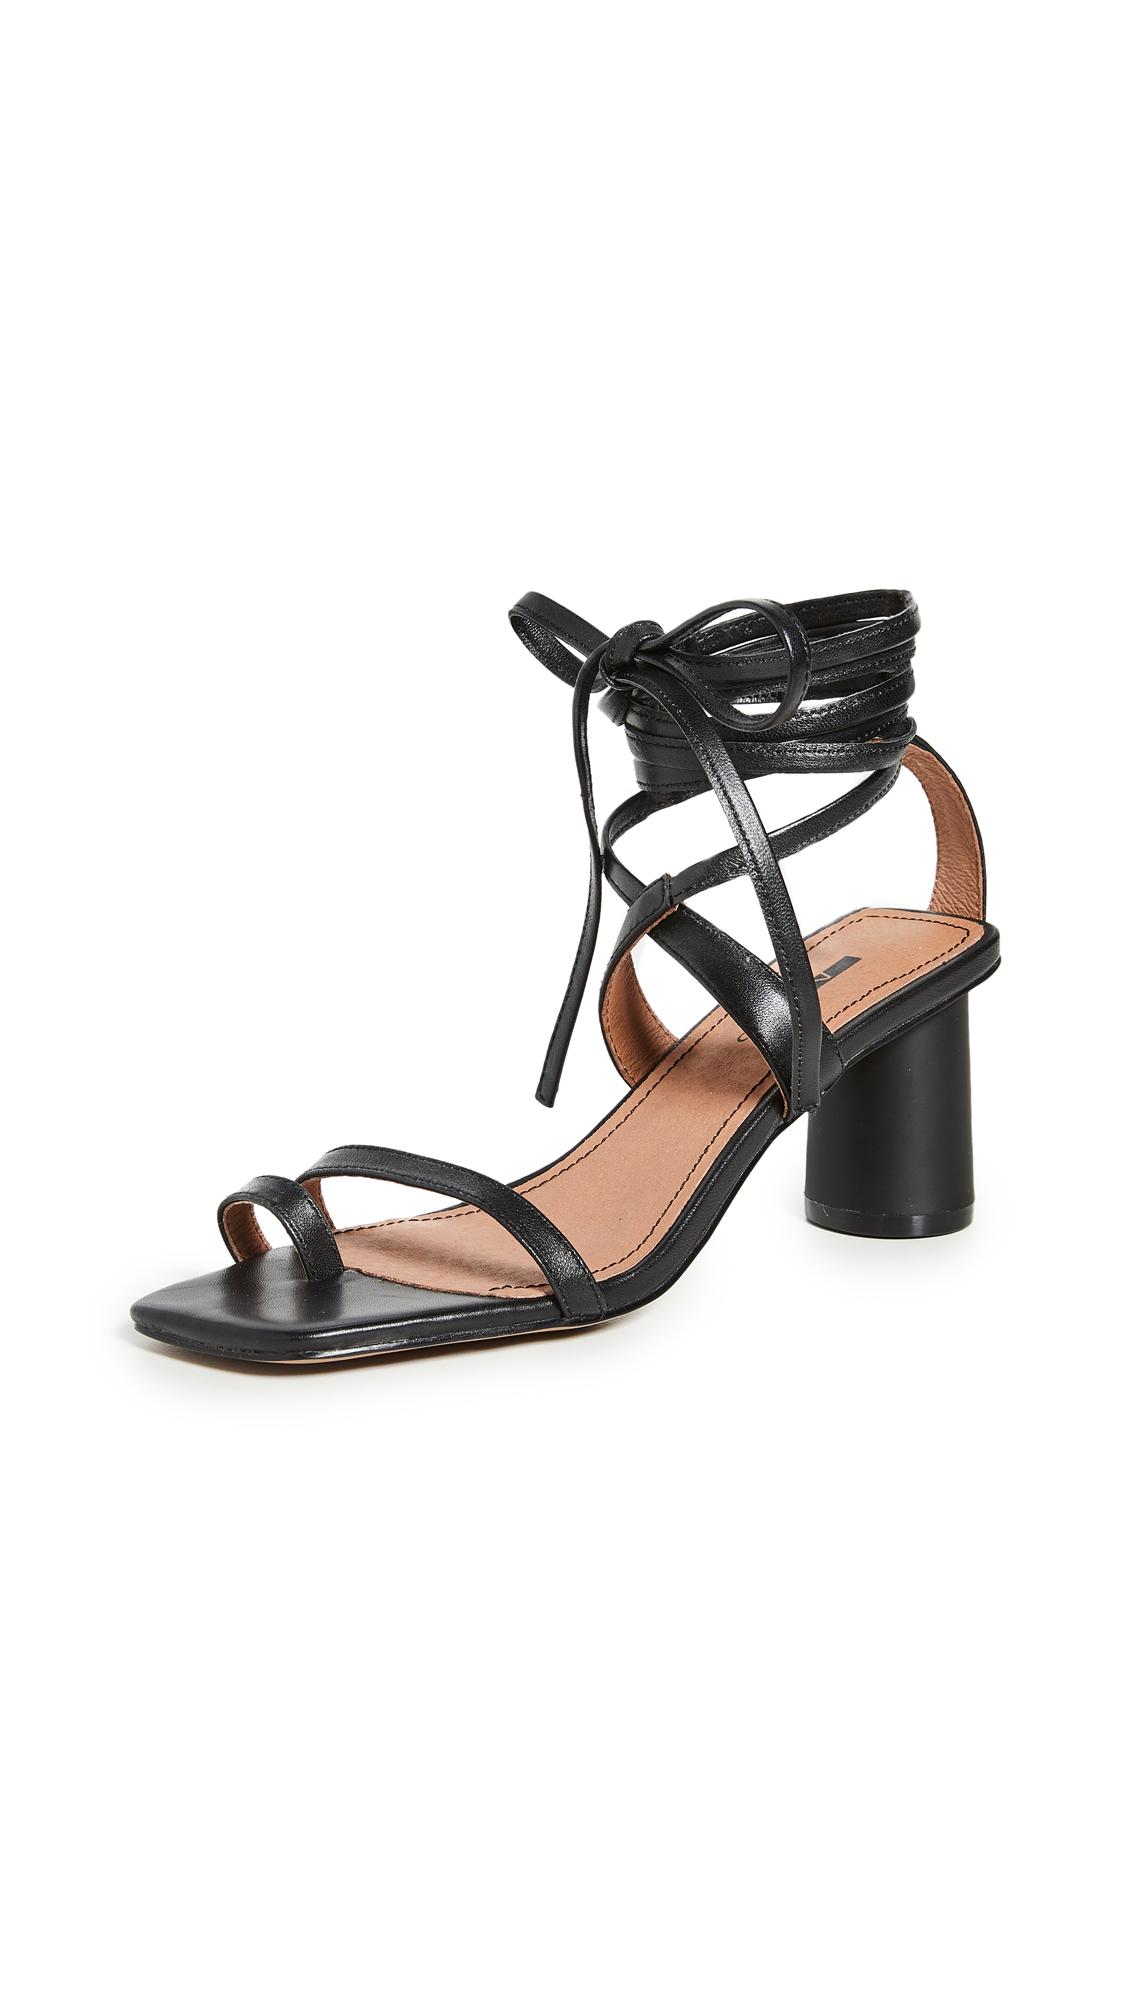 Buy Matiko Violet Sandals online, shop Matiko